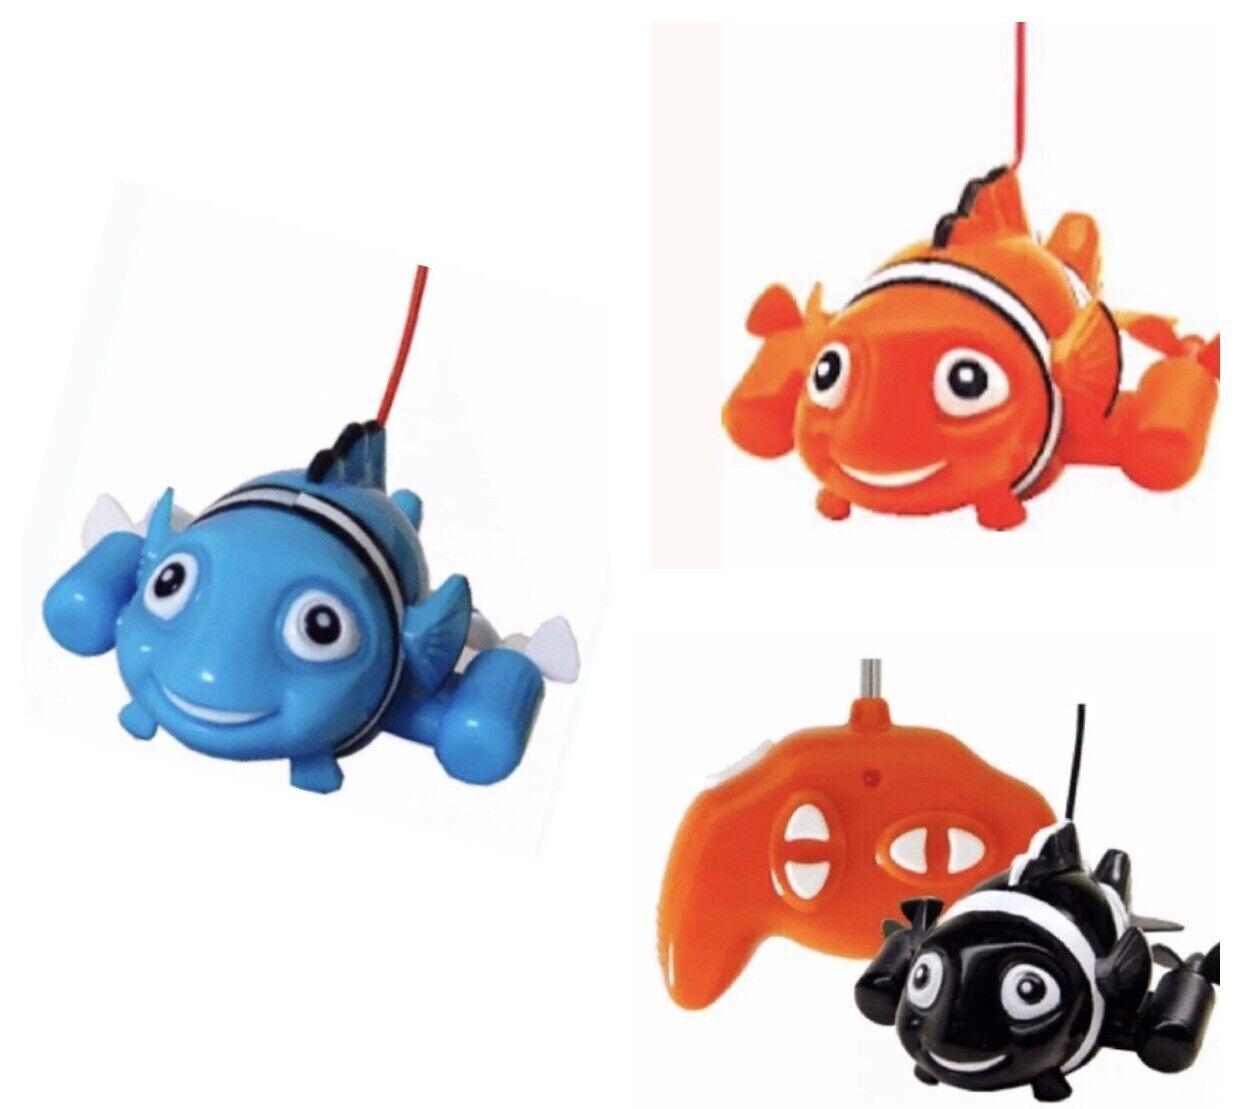 Keiko  Mini ClownFish R C Water Fish RC giocattolo W Remote Control Bundle - SPRING SALE  la migliore offerta del negozio online